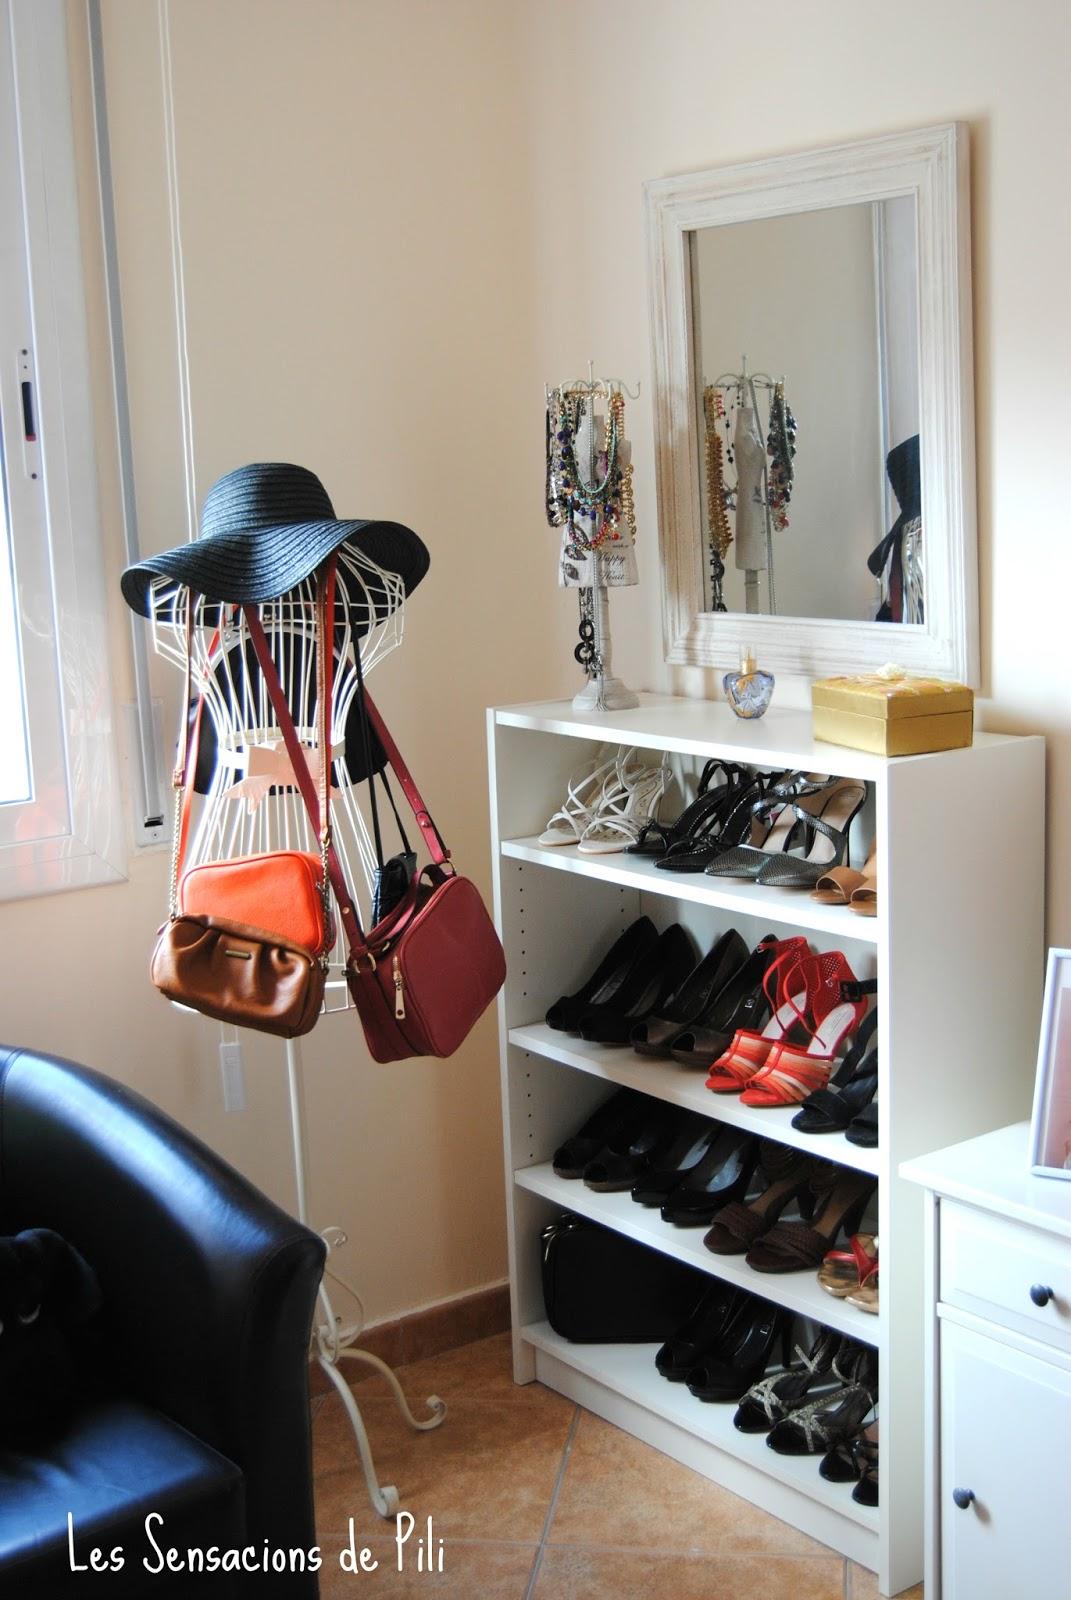 Les sensacions de pili organizador de zapatos - Organizador de zapatos ...